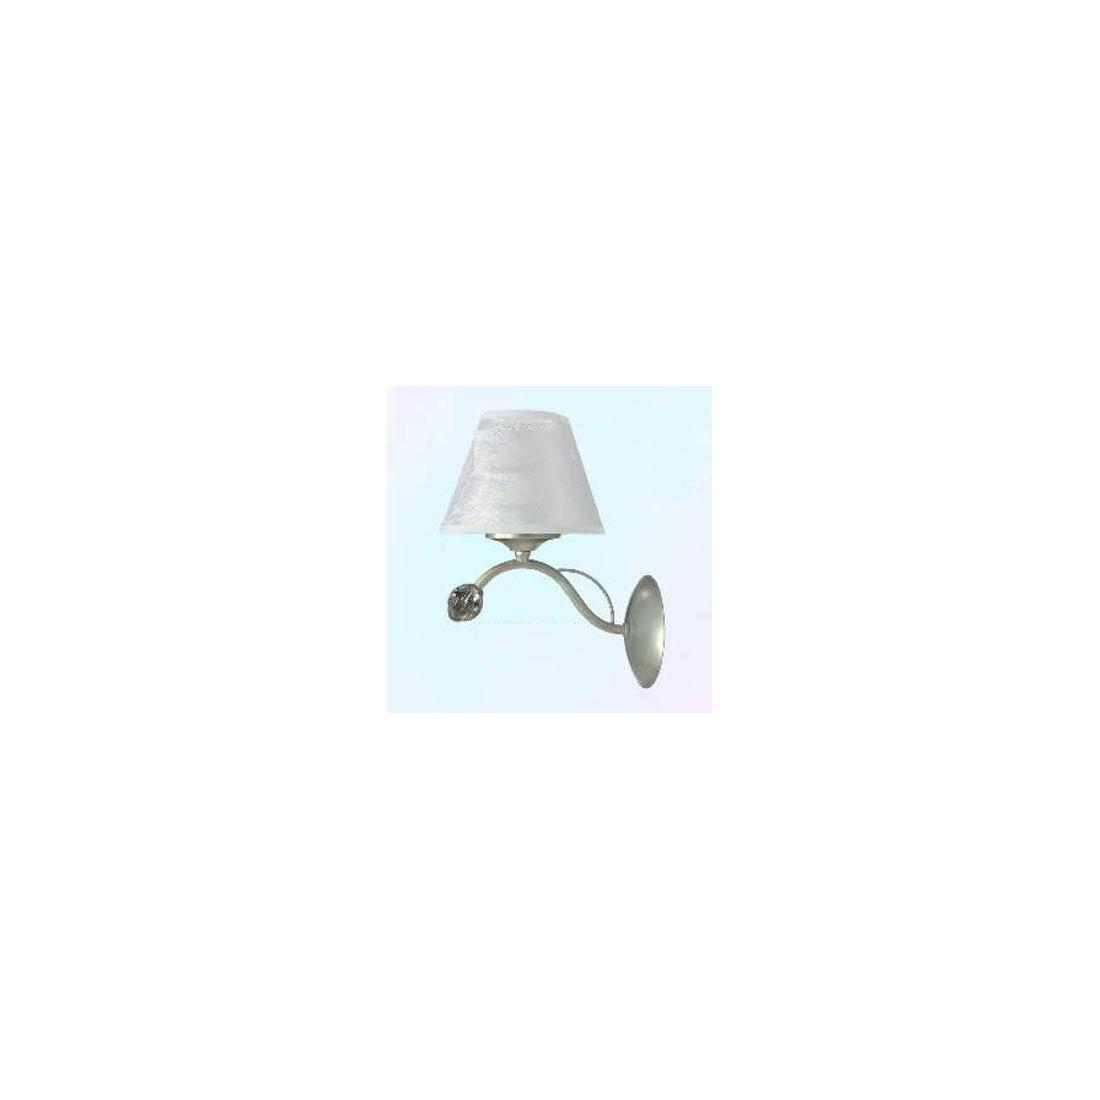 Lamparas Para Baño Baratas:lamparas modernas, lamparas modernas salon, lamparas drg, drg rogu